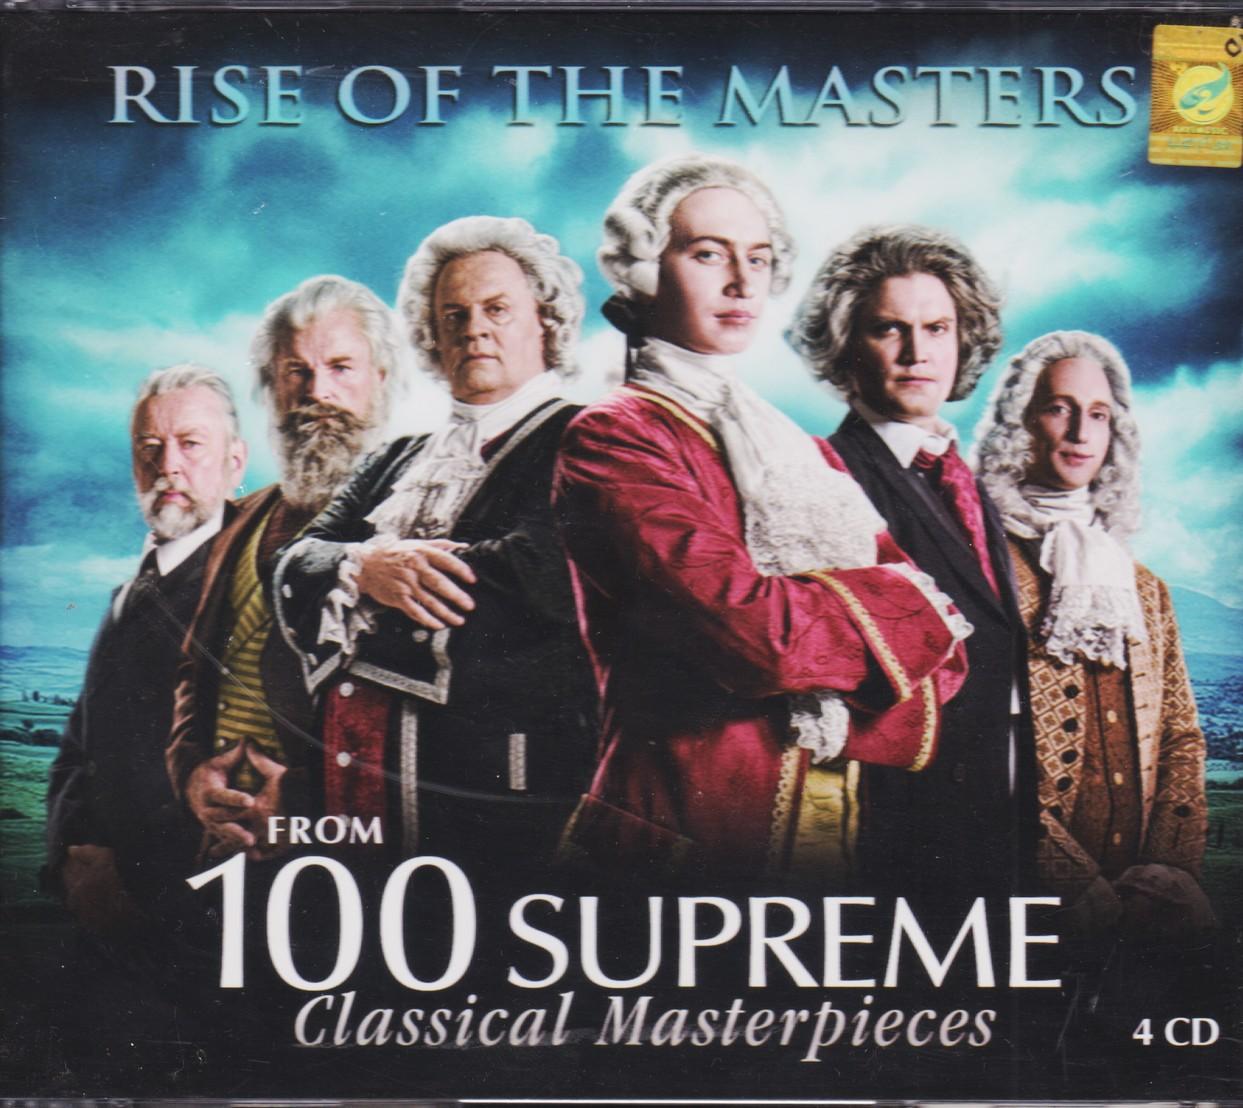 ظهور استادان موسیقی کلاسیک